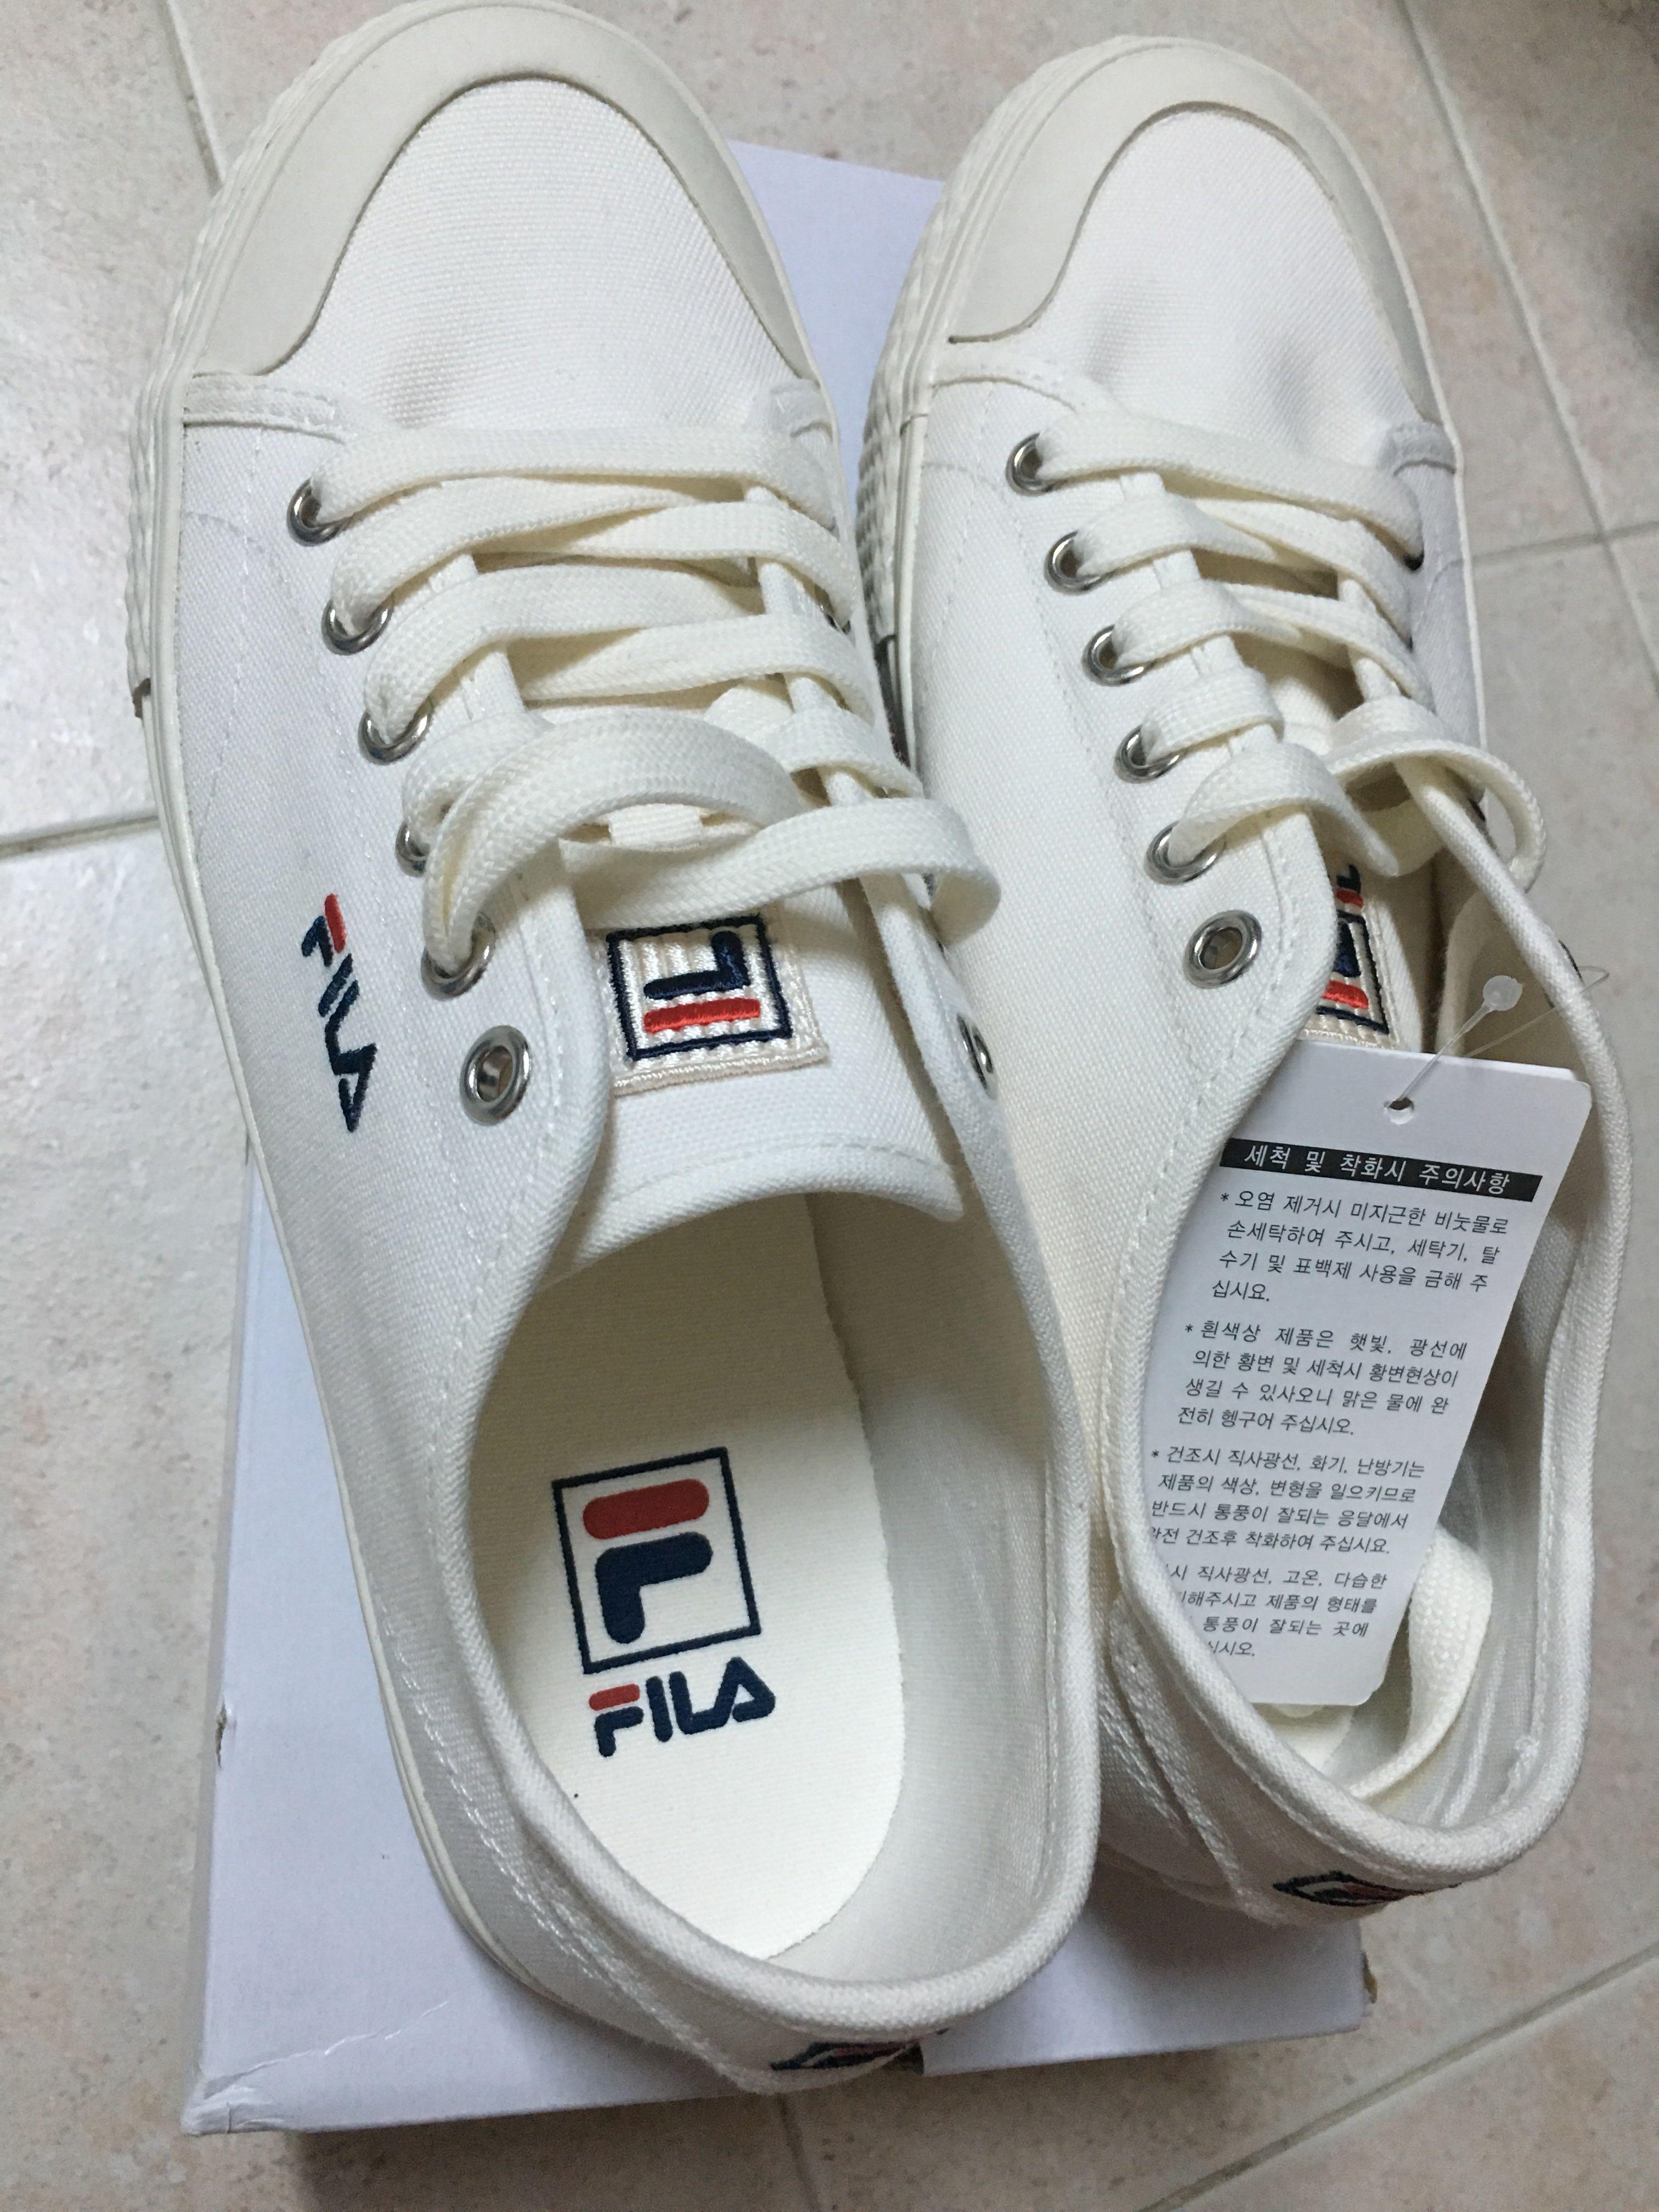 ffacaf2303c3de Home · Women s Fashion · Shoes · Sneakers. photo photo ...